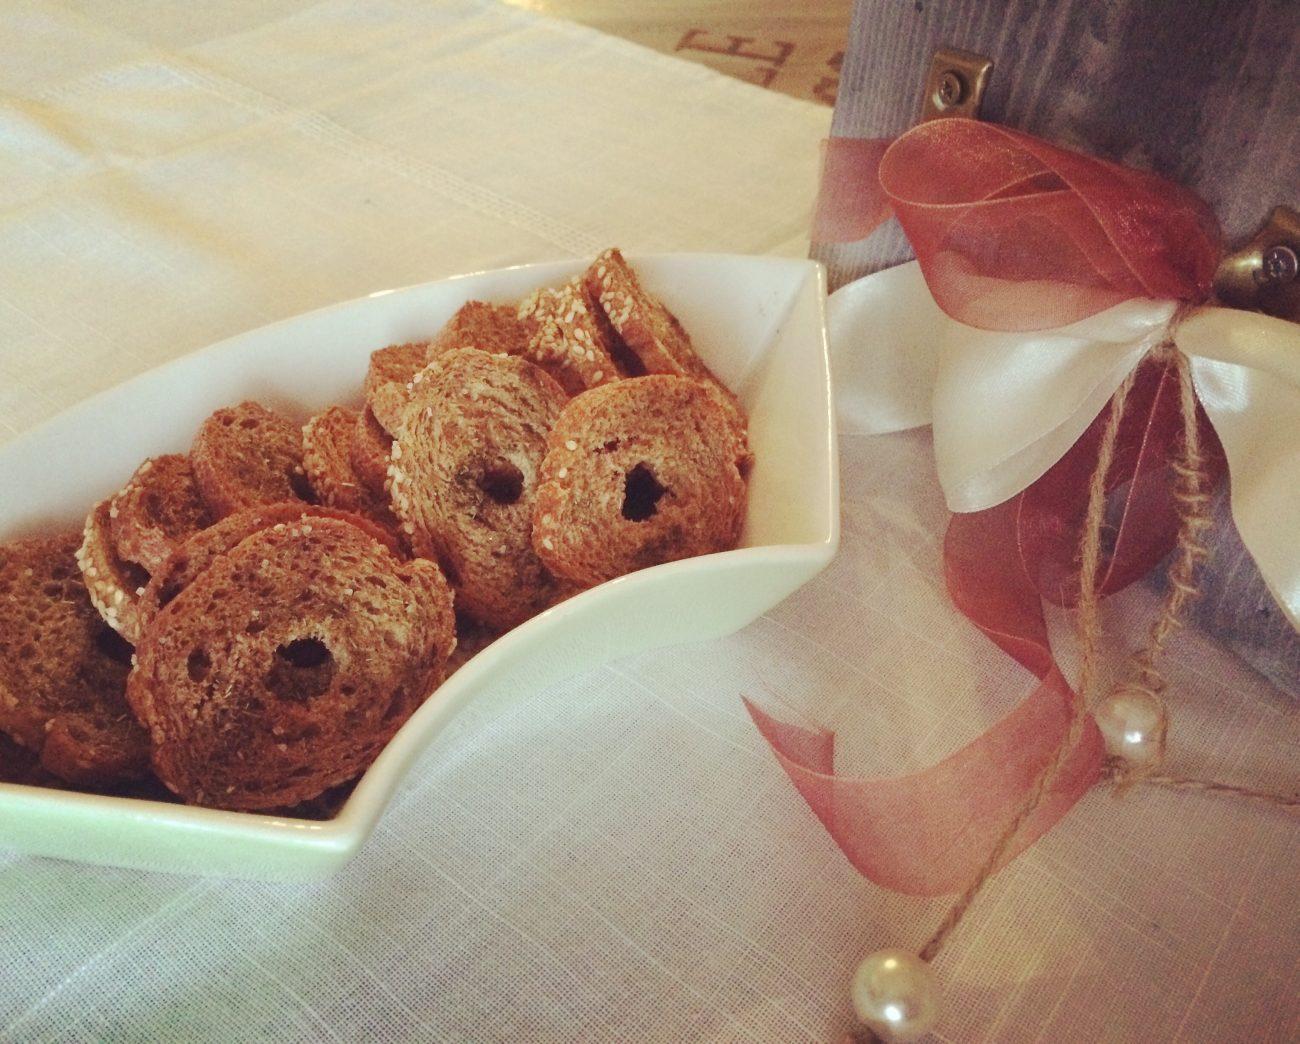 Σπιτικά bake rolls και κρουτόν